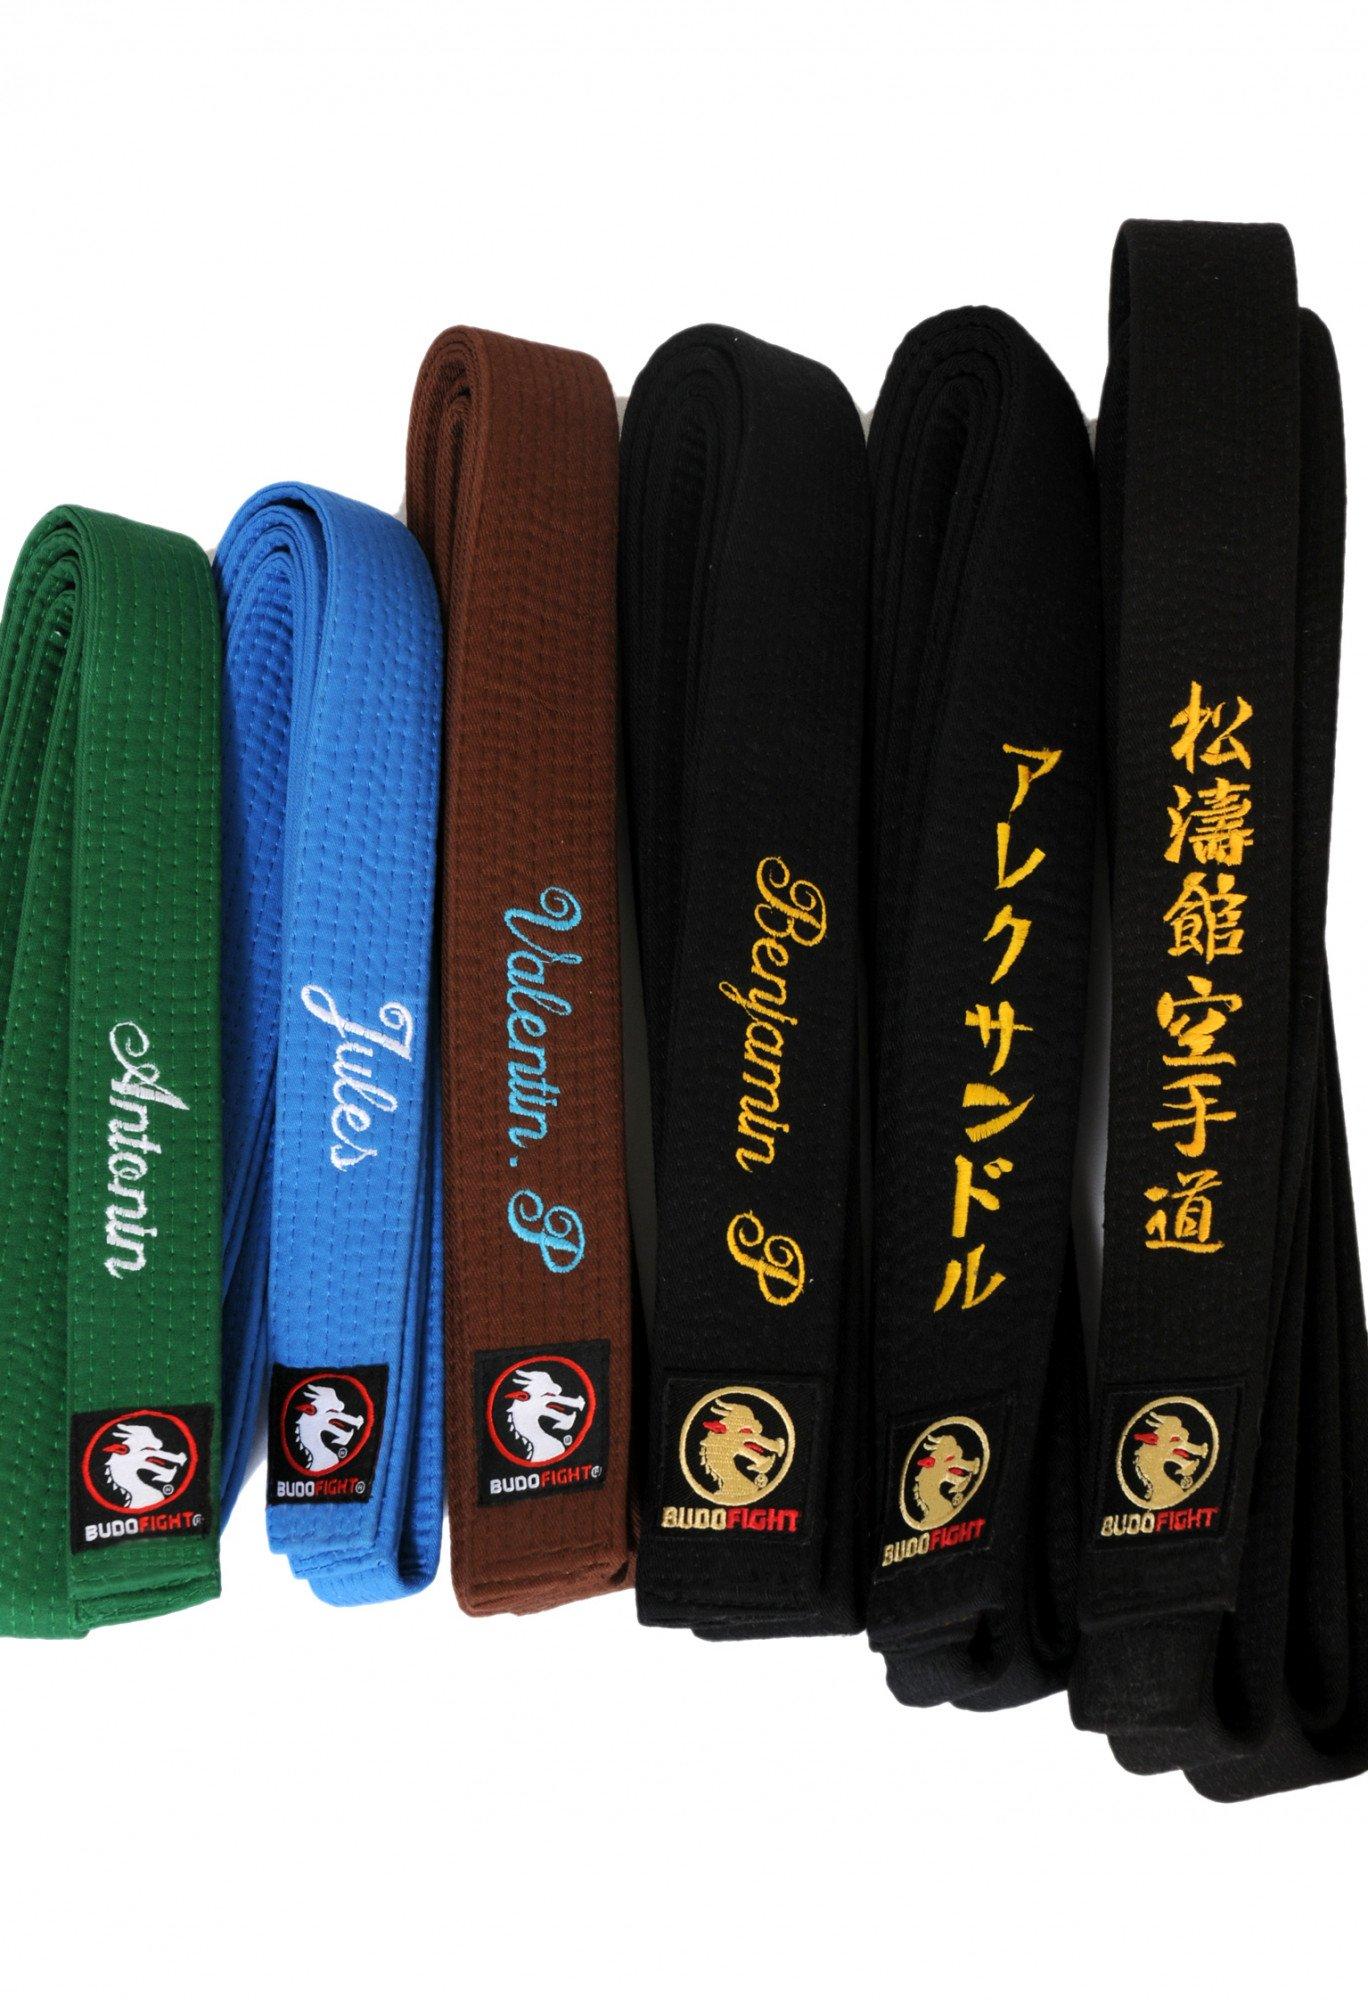 plutôt cool large sélection très convoité gamme de Ceinture Judo Piquée Noire Brodee Judo